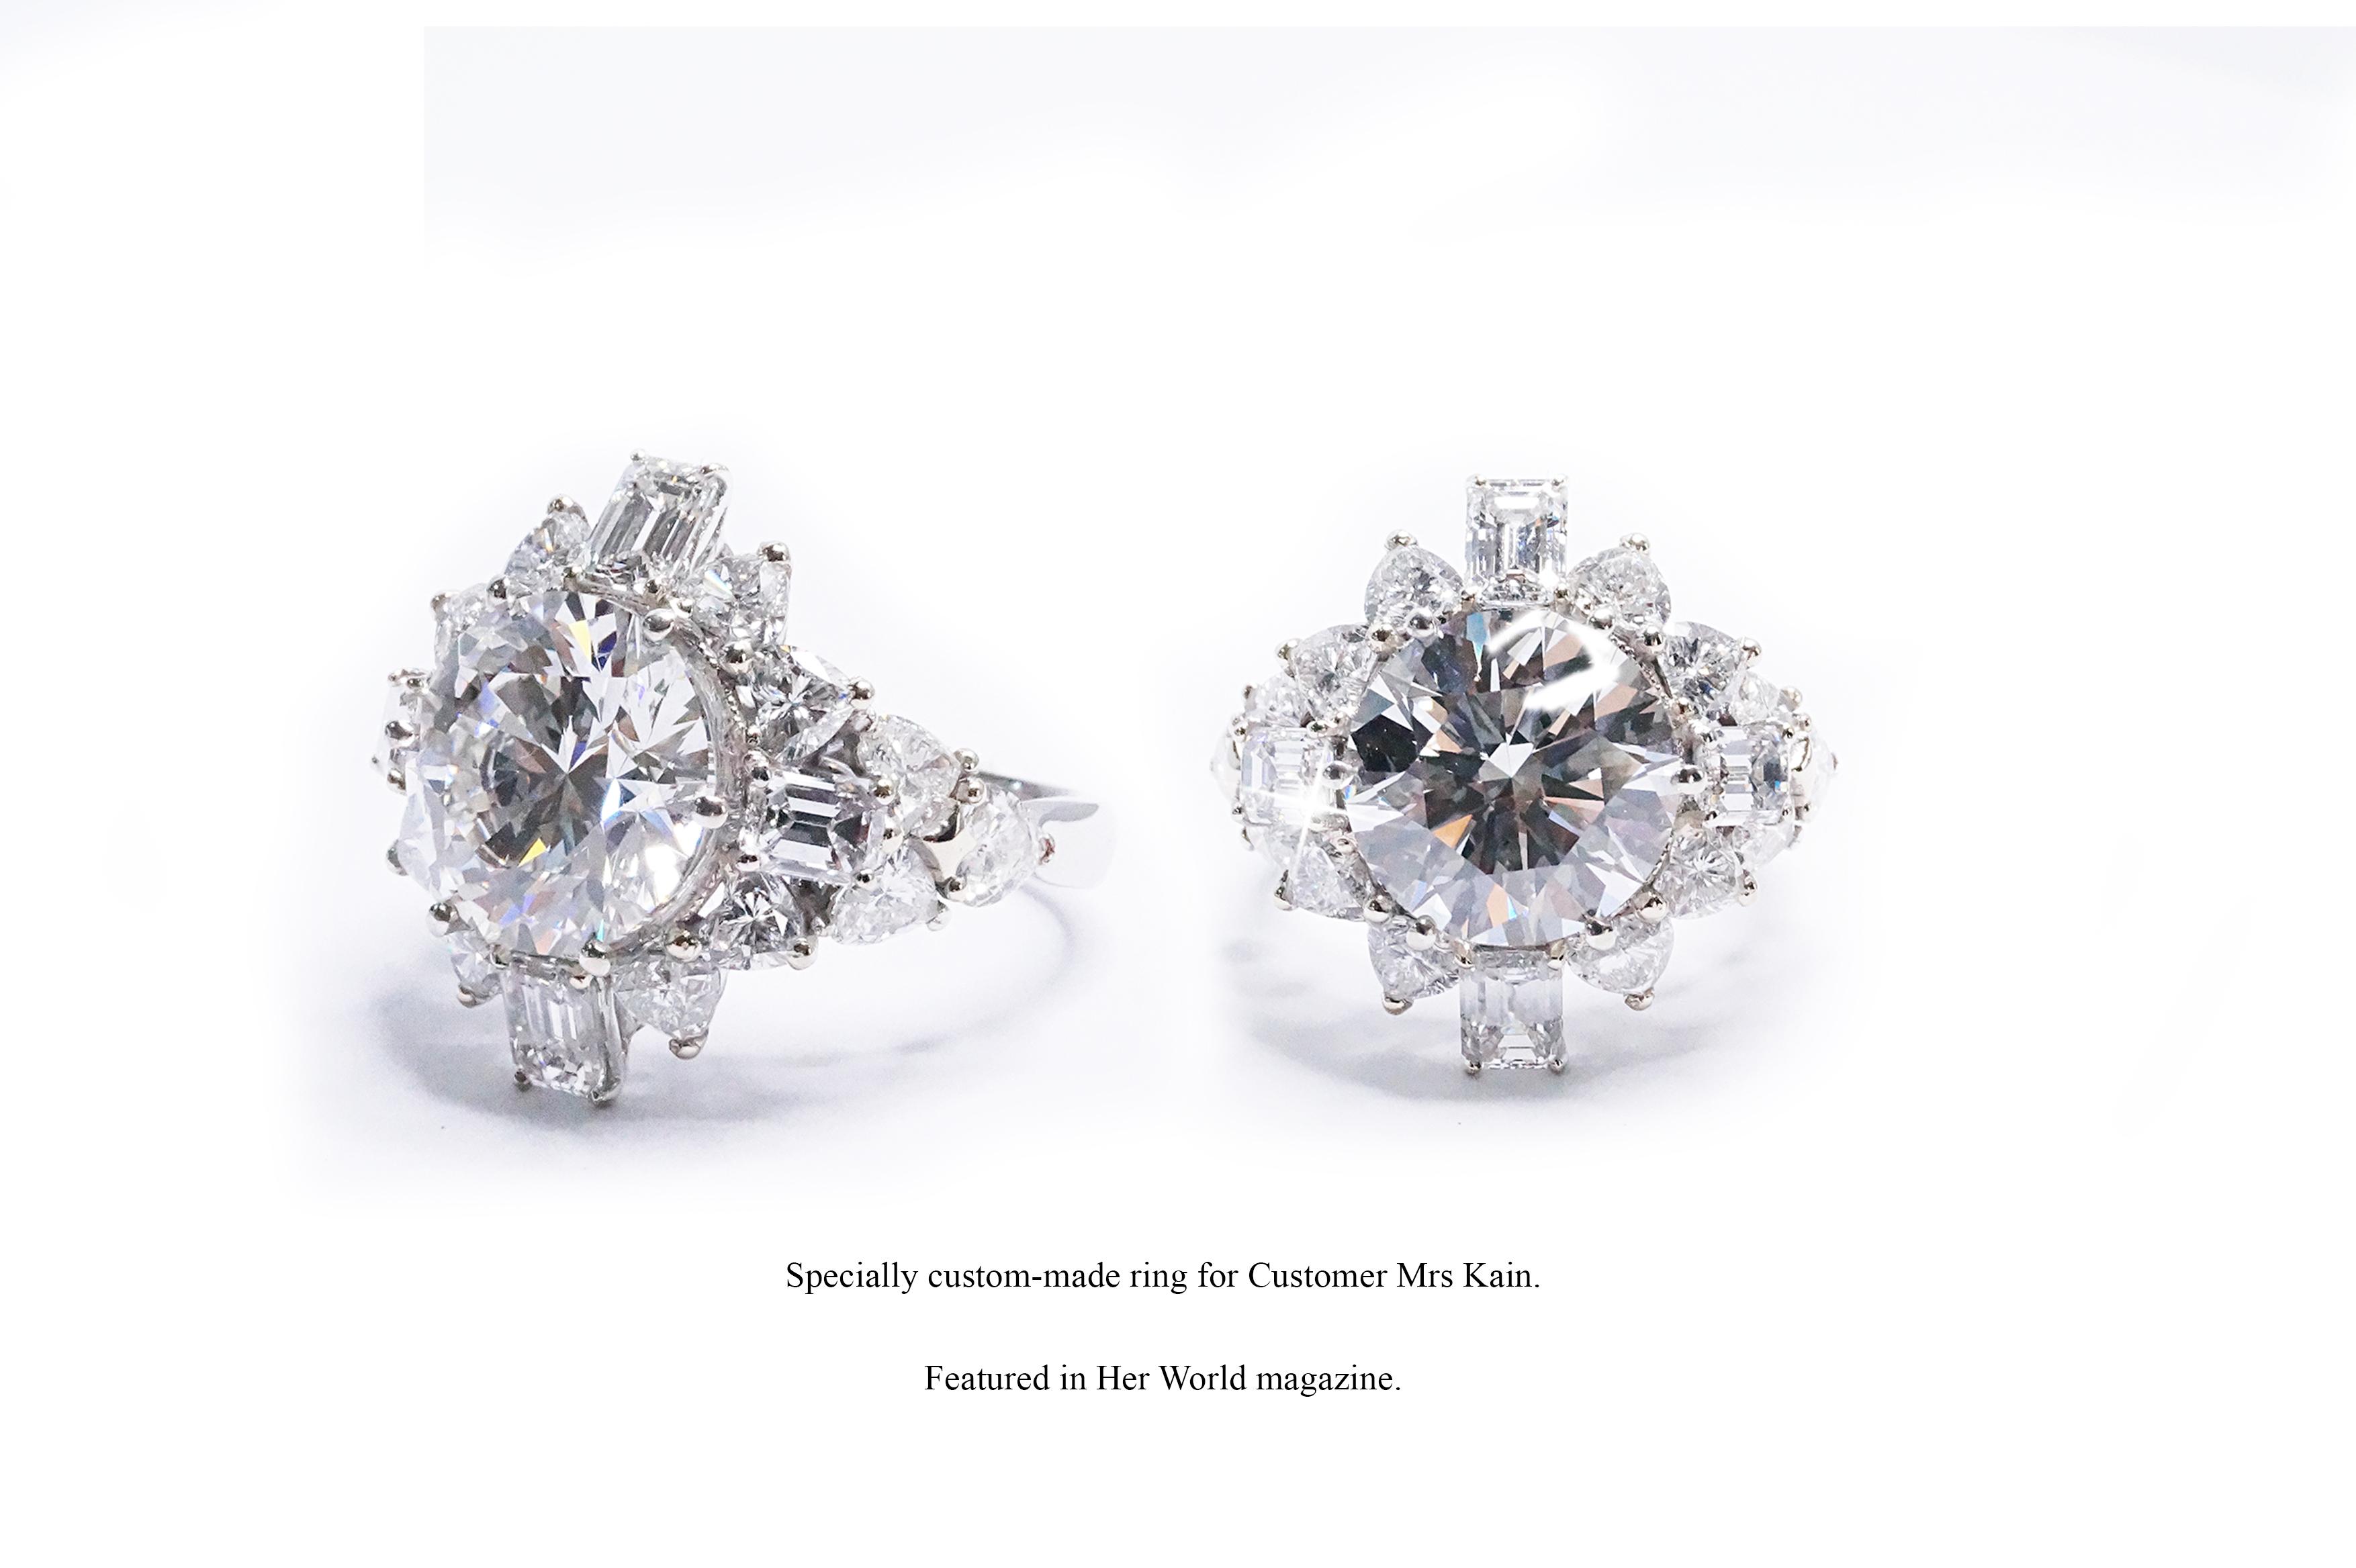 Customers Mrs Kain's Ring